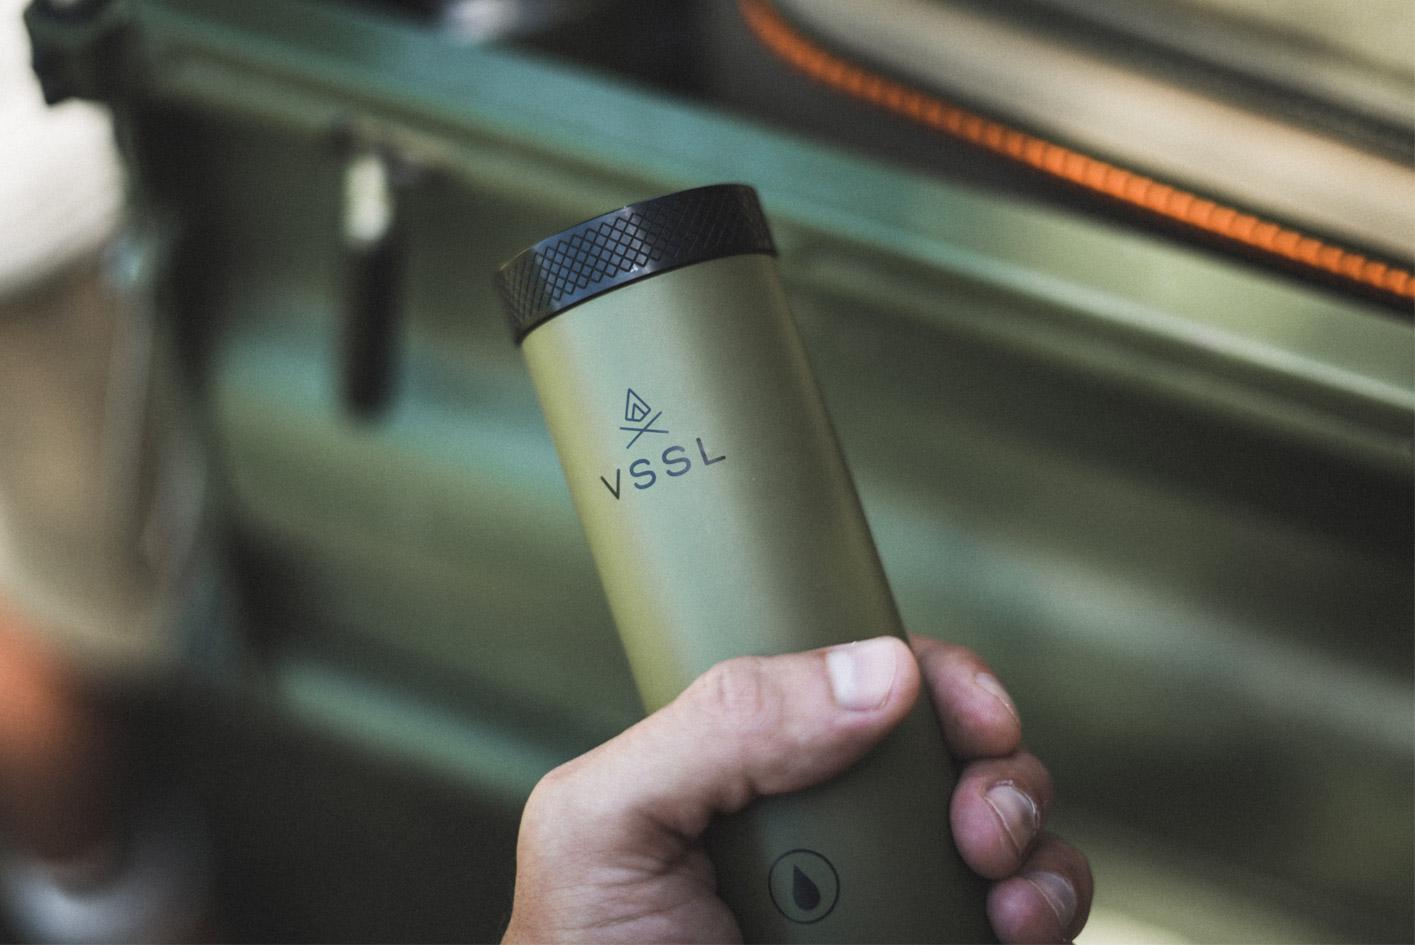 VSSL Flask on Modern Huntsman